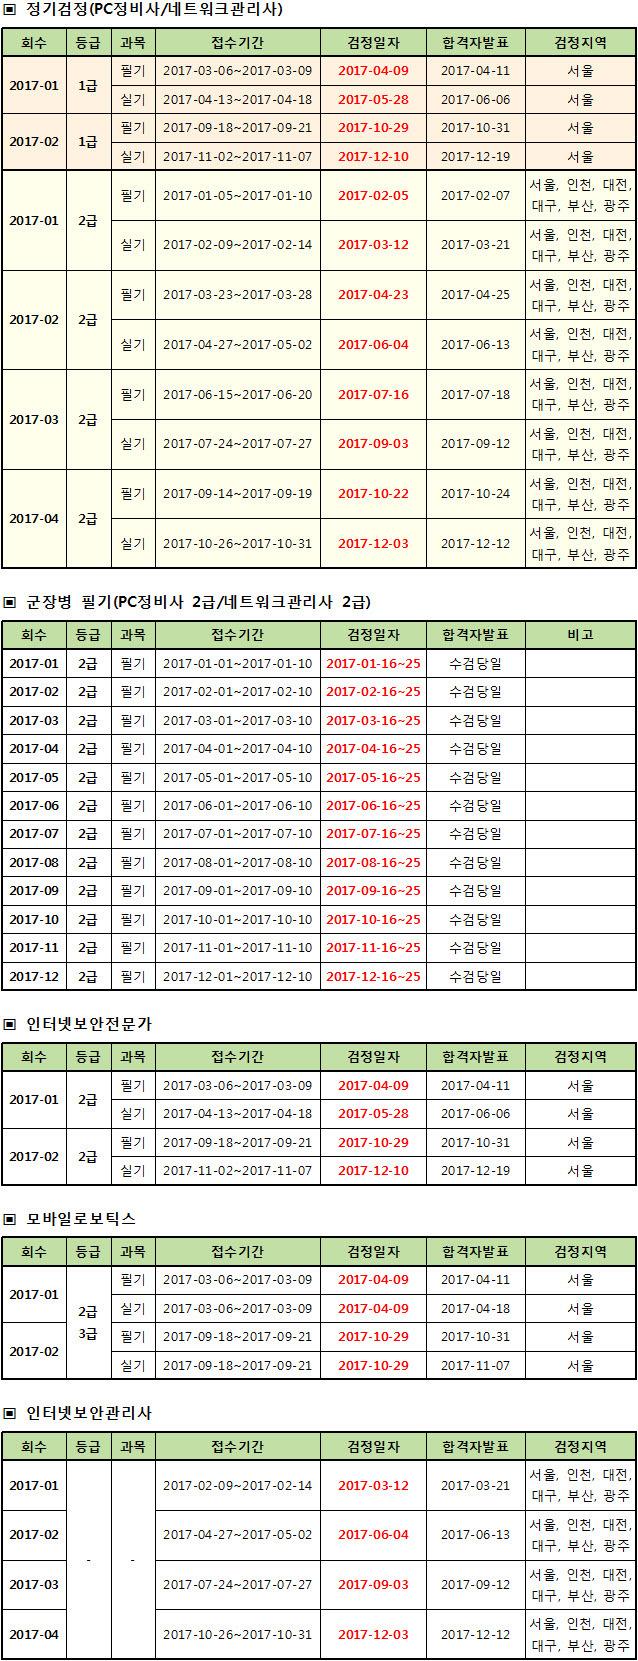 2017년도 한국정보통신자격협회 자격검정 일정